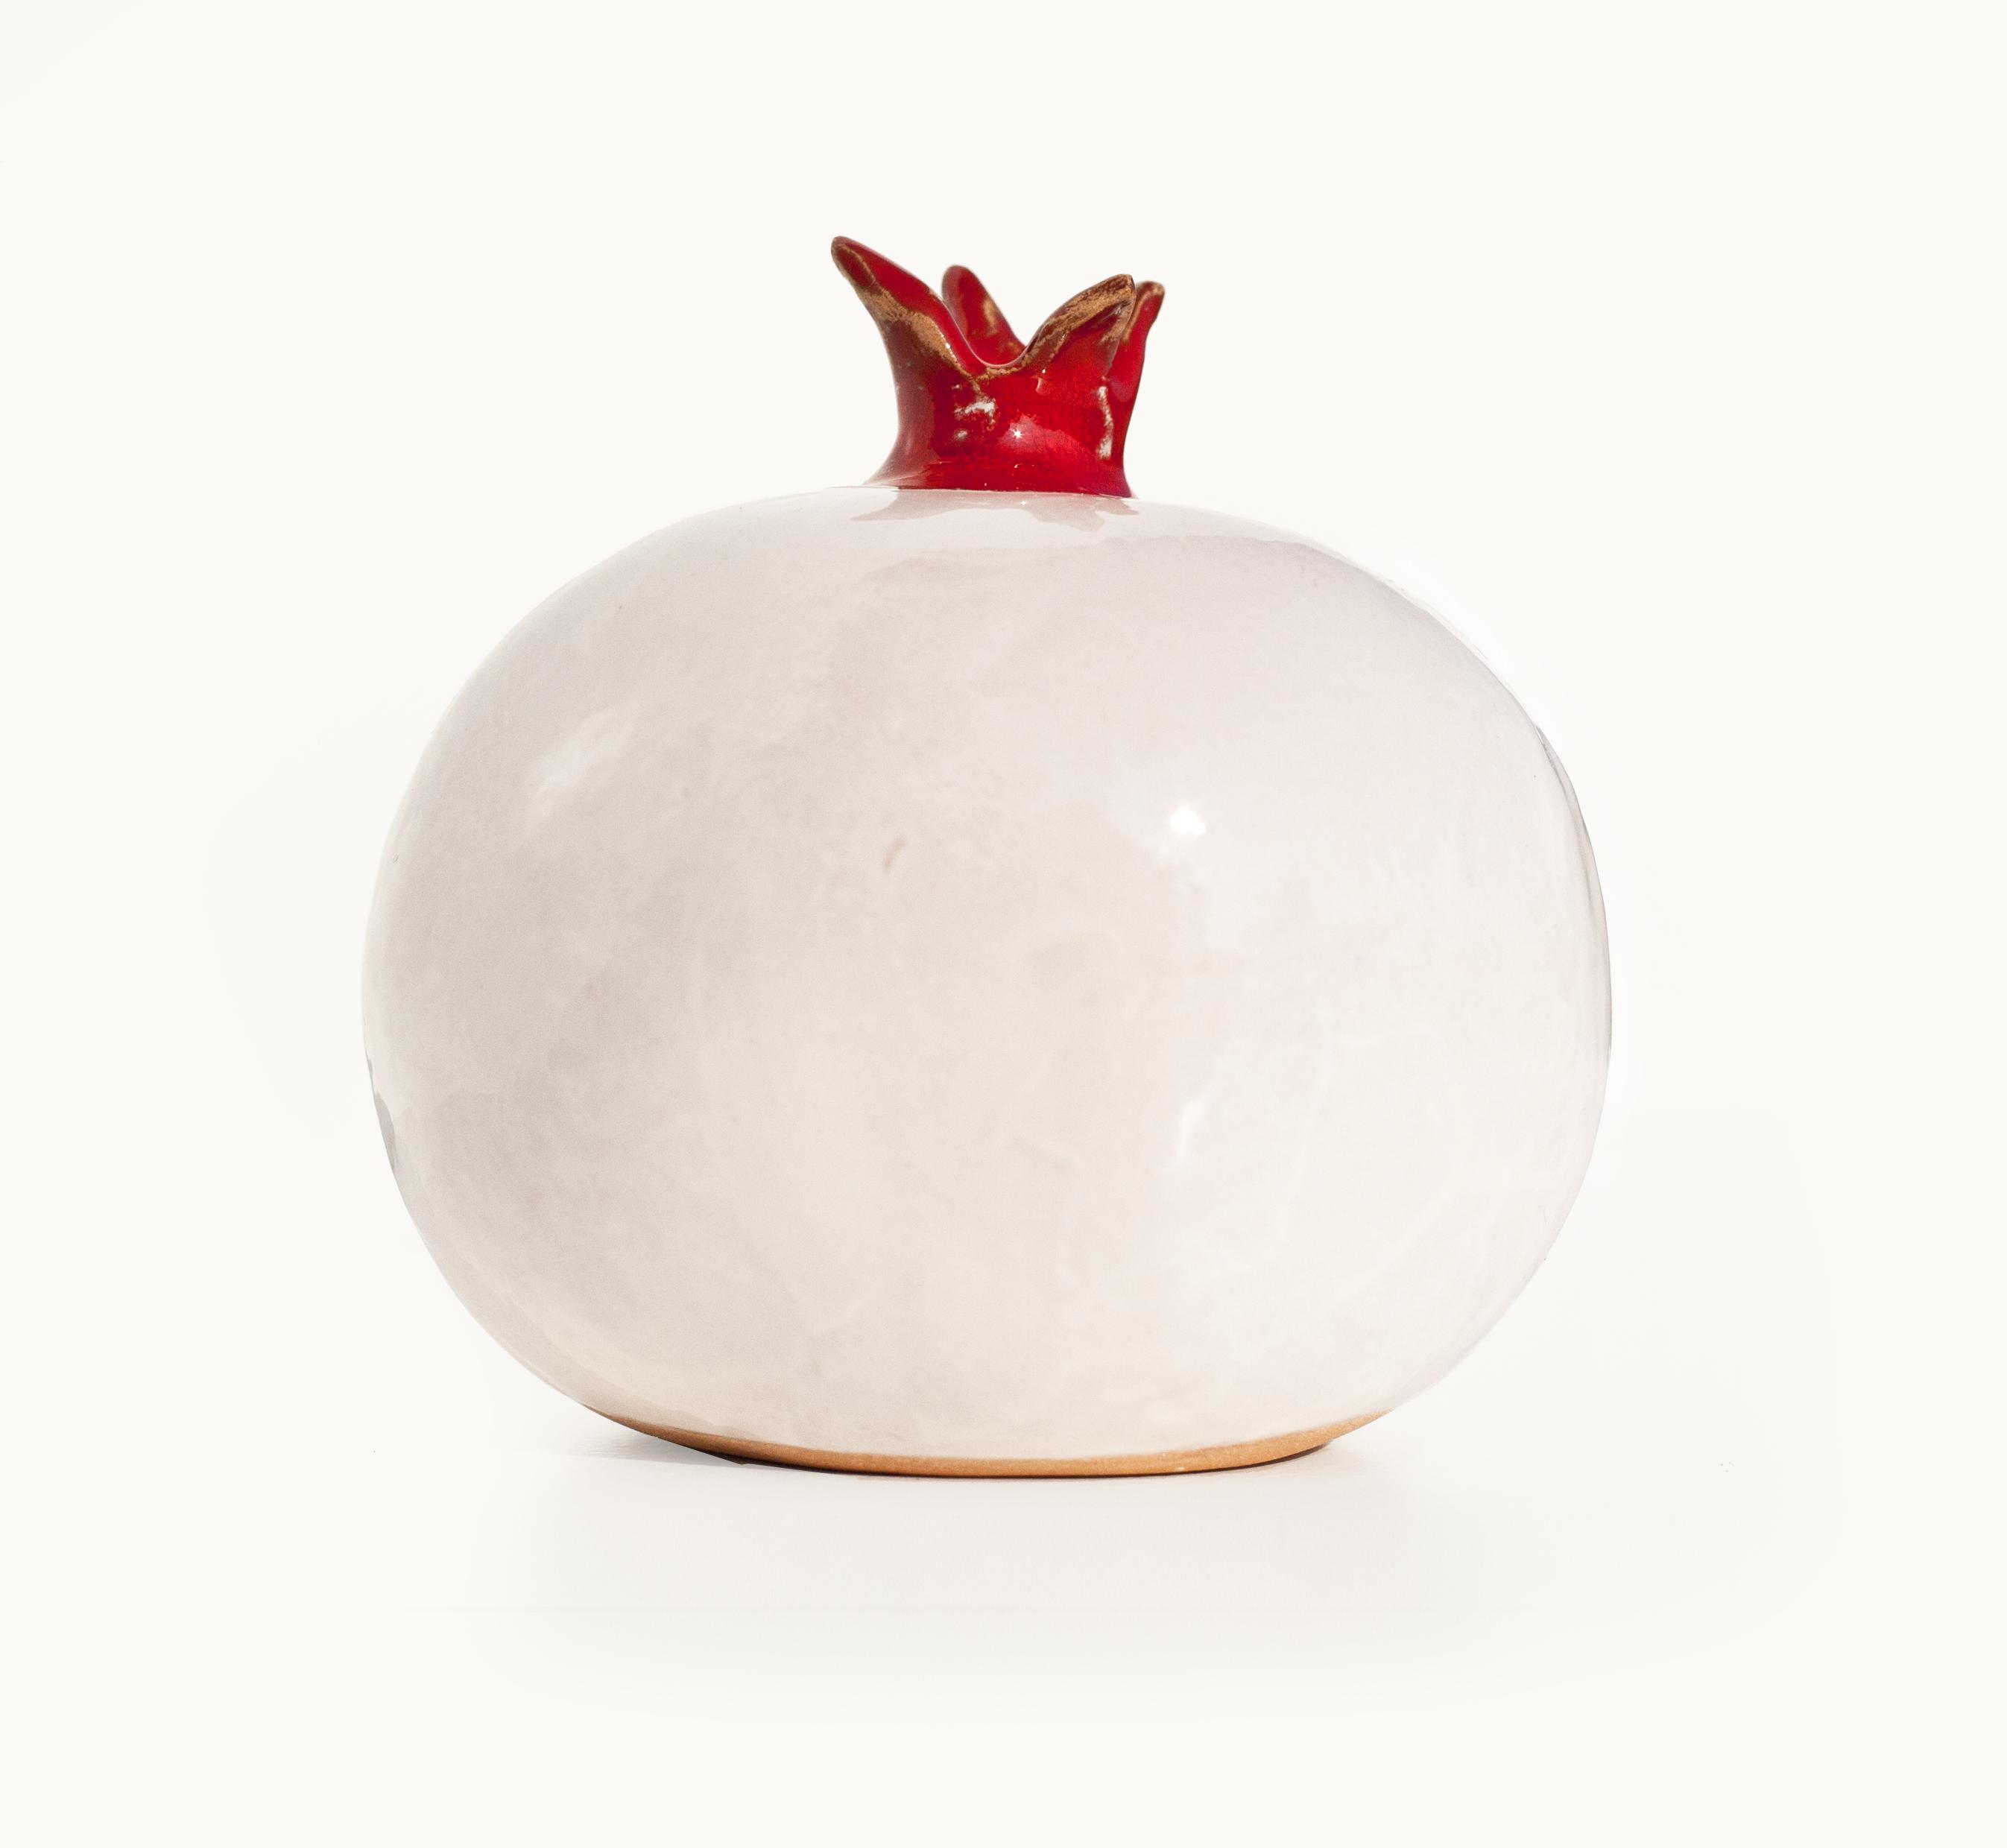 Immagine di melagrana di ceramica colore bianco e rosso su sfondo bianco